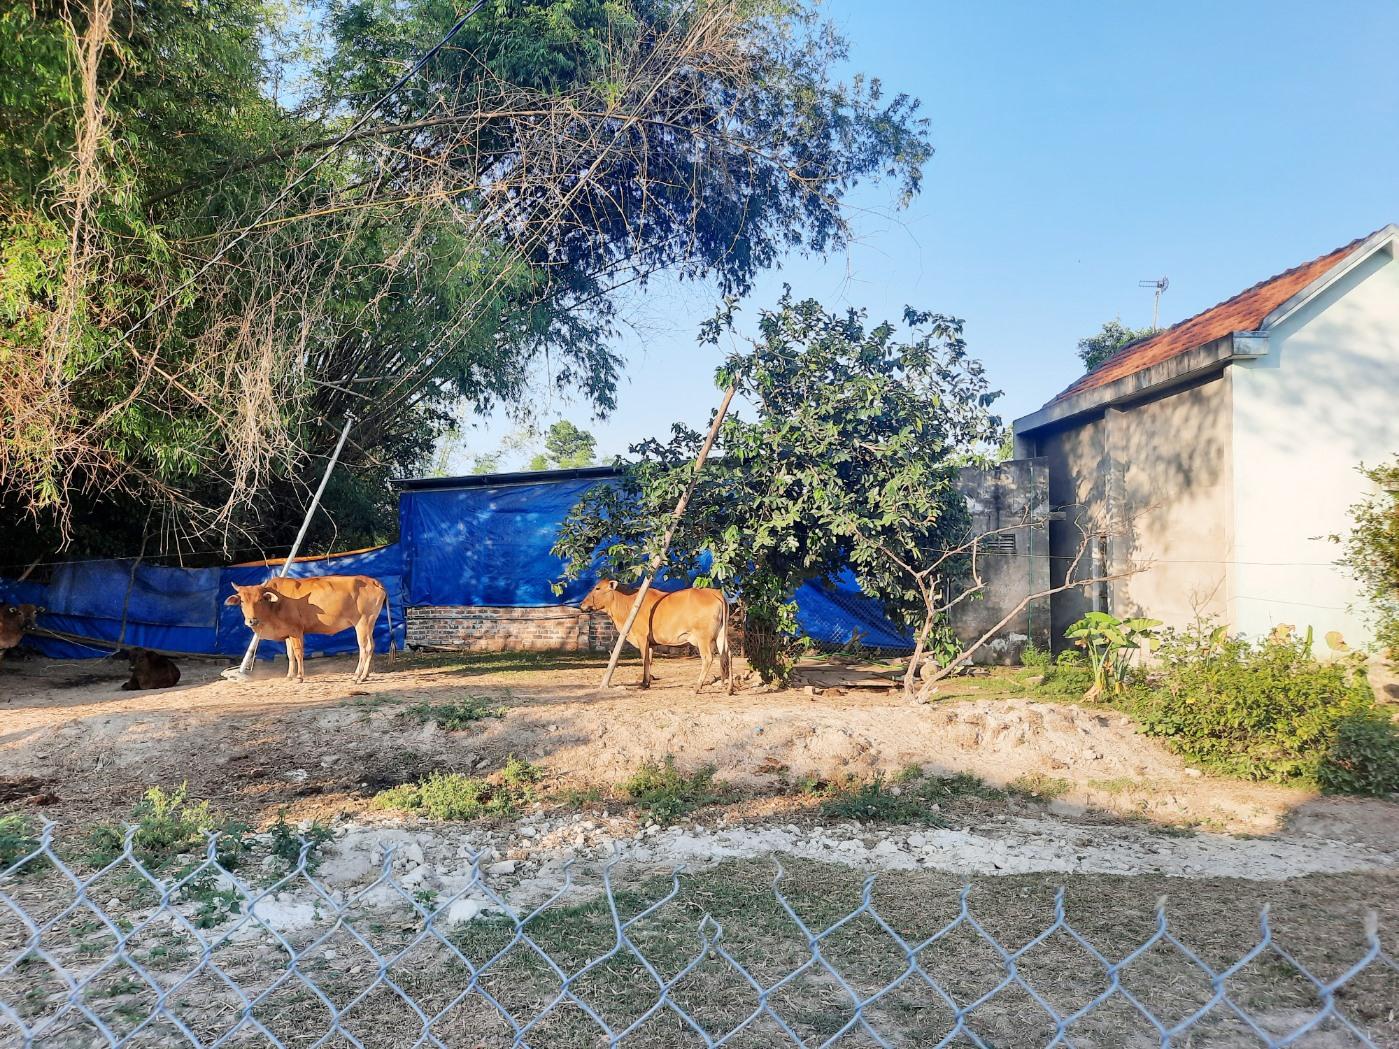 Trại nuôi heo của ông Phạm Sơn nằm trong khu dân cư gây ô nhiễm môi trường trong thời gian dài. Ảnh: H.ĐẠO